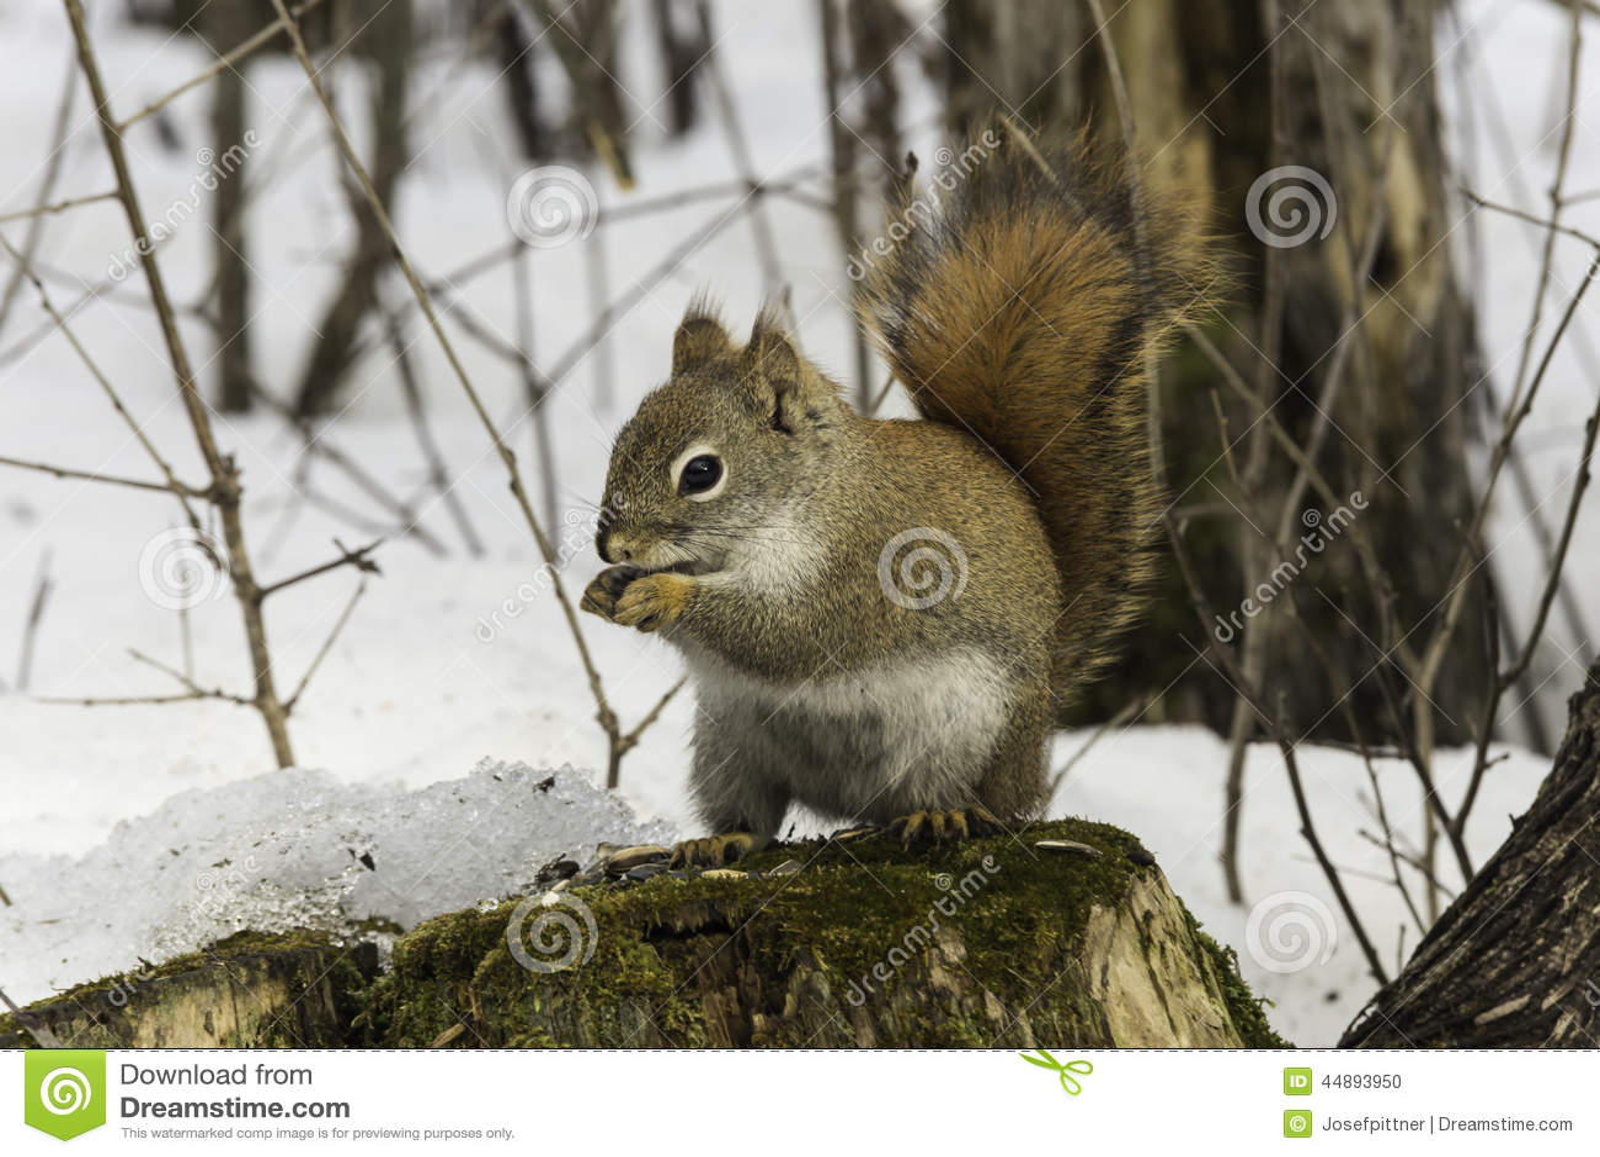 lone squirrel in a winter scene stock photo image 44893950